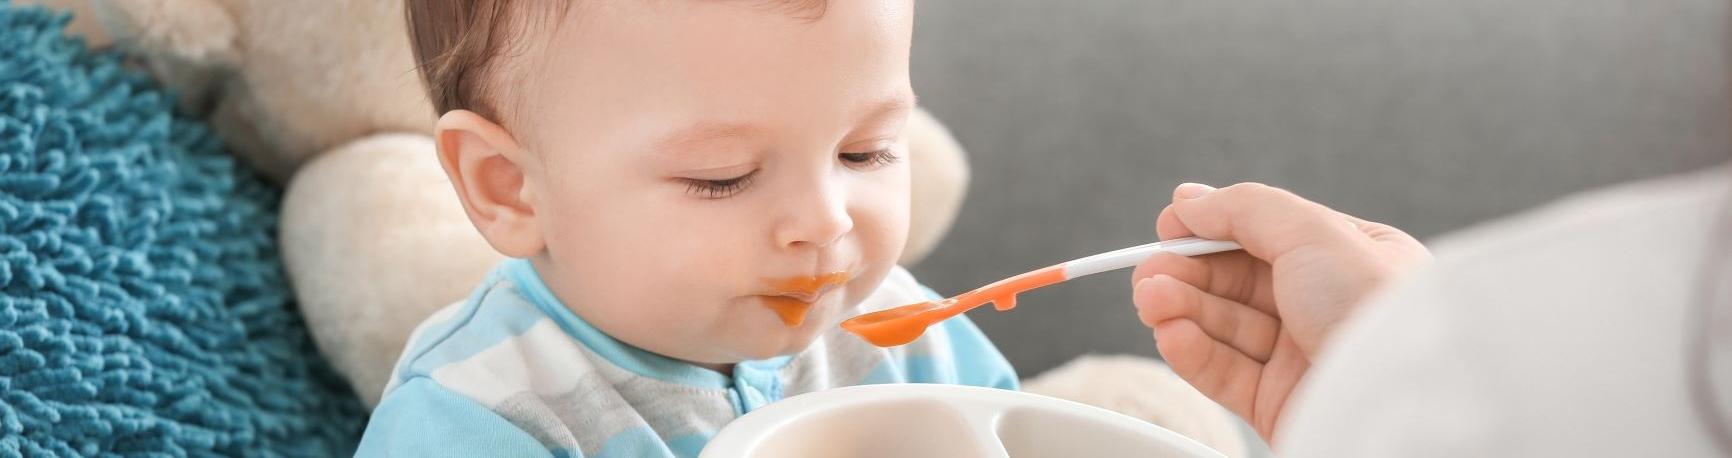 תינוק אוכל מחית בכפית